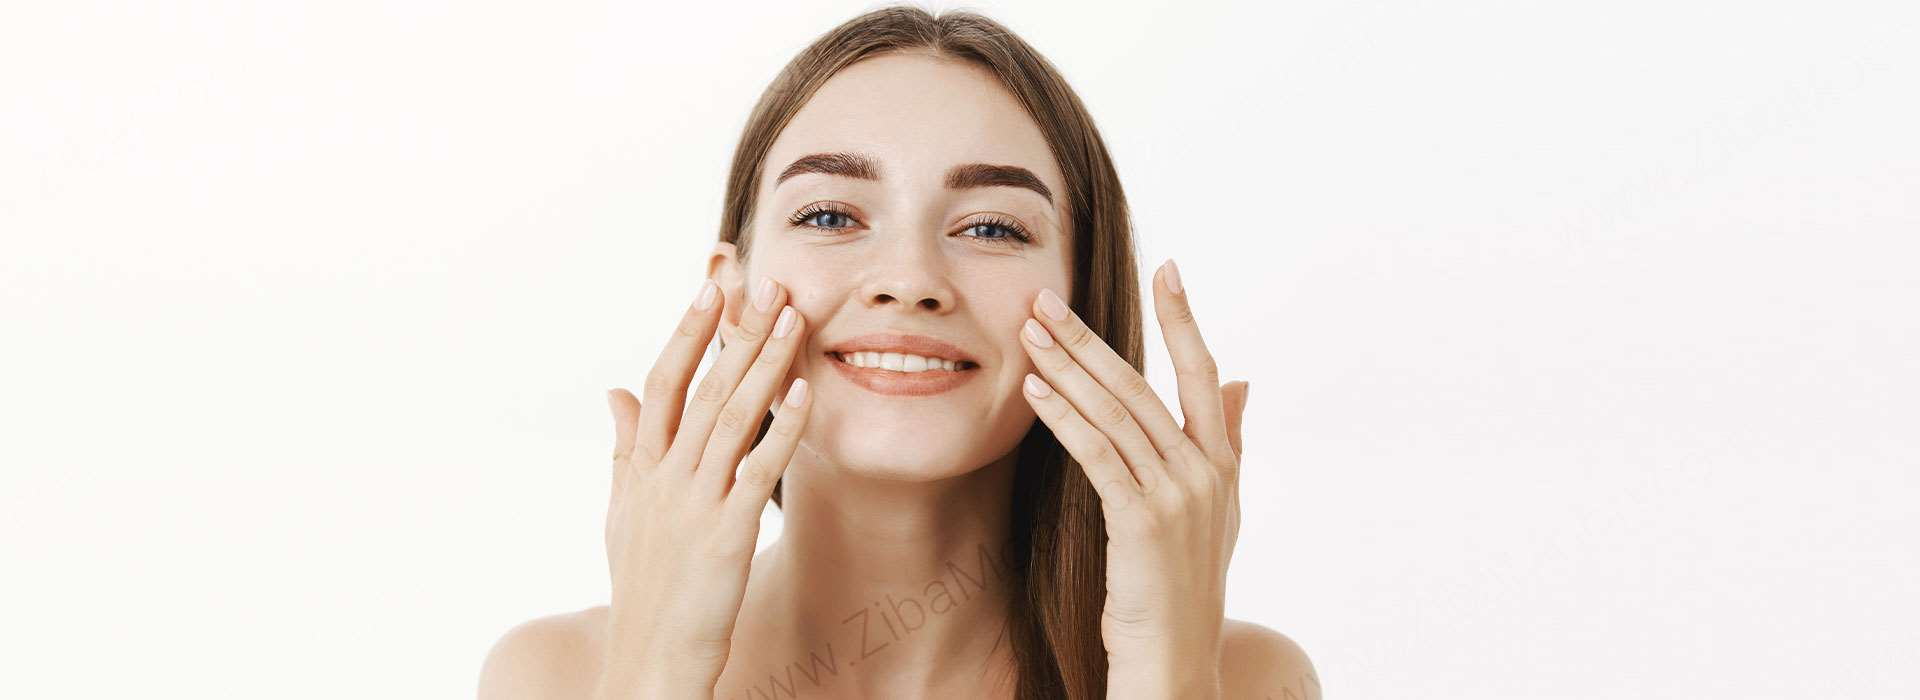 درمان خانگی دانه های سفید زیر چشم